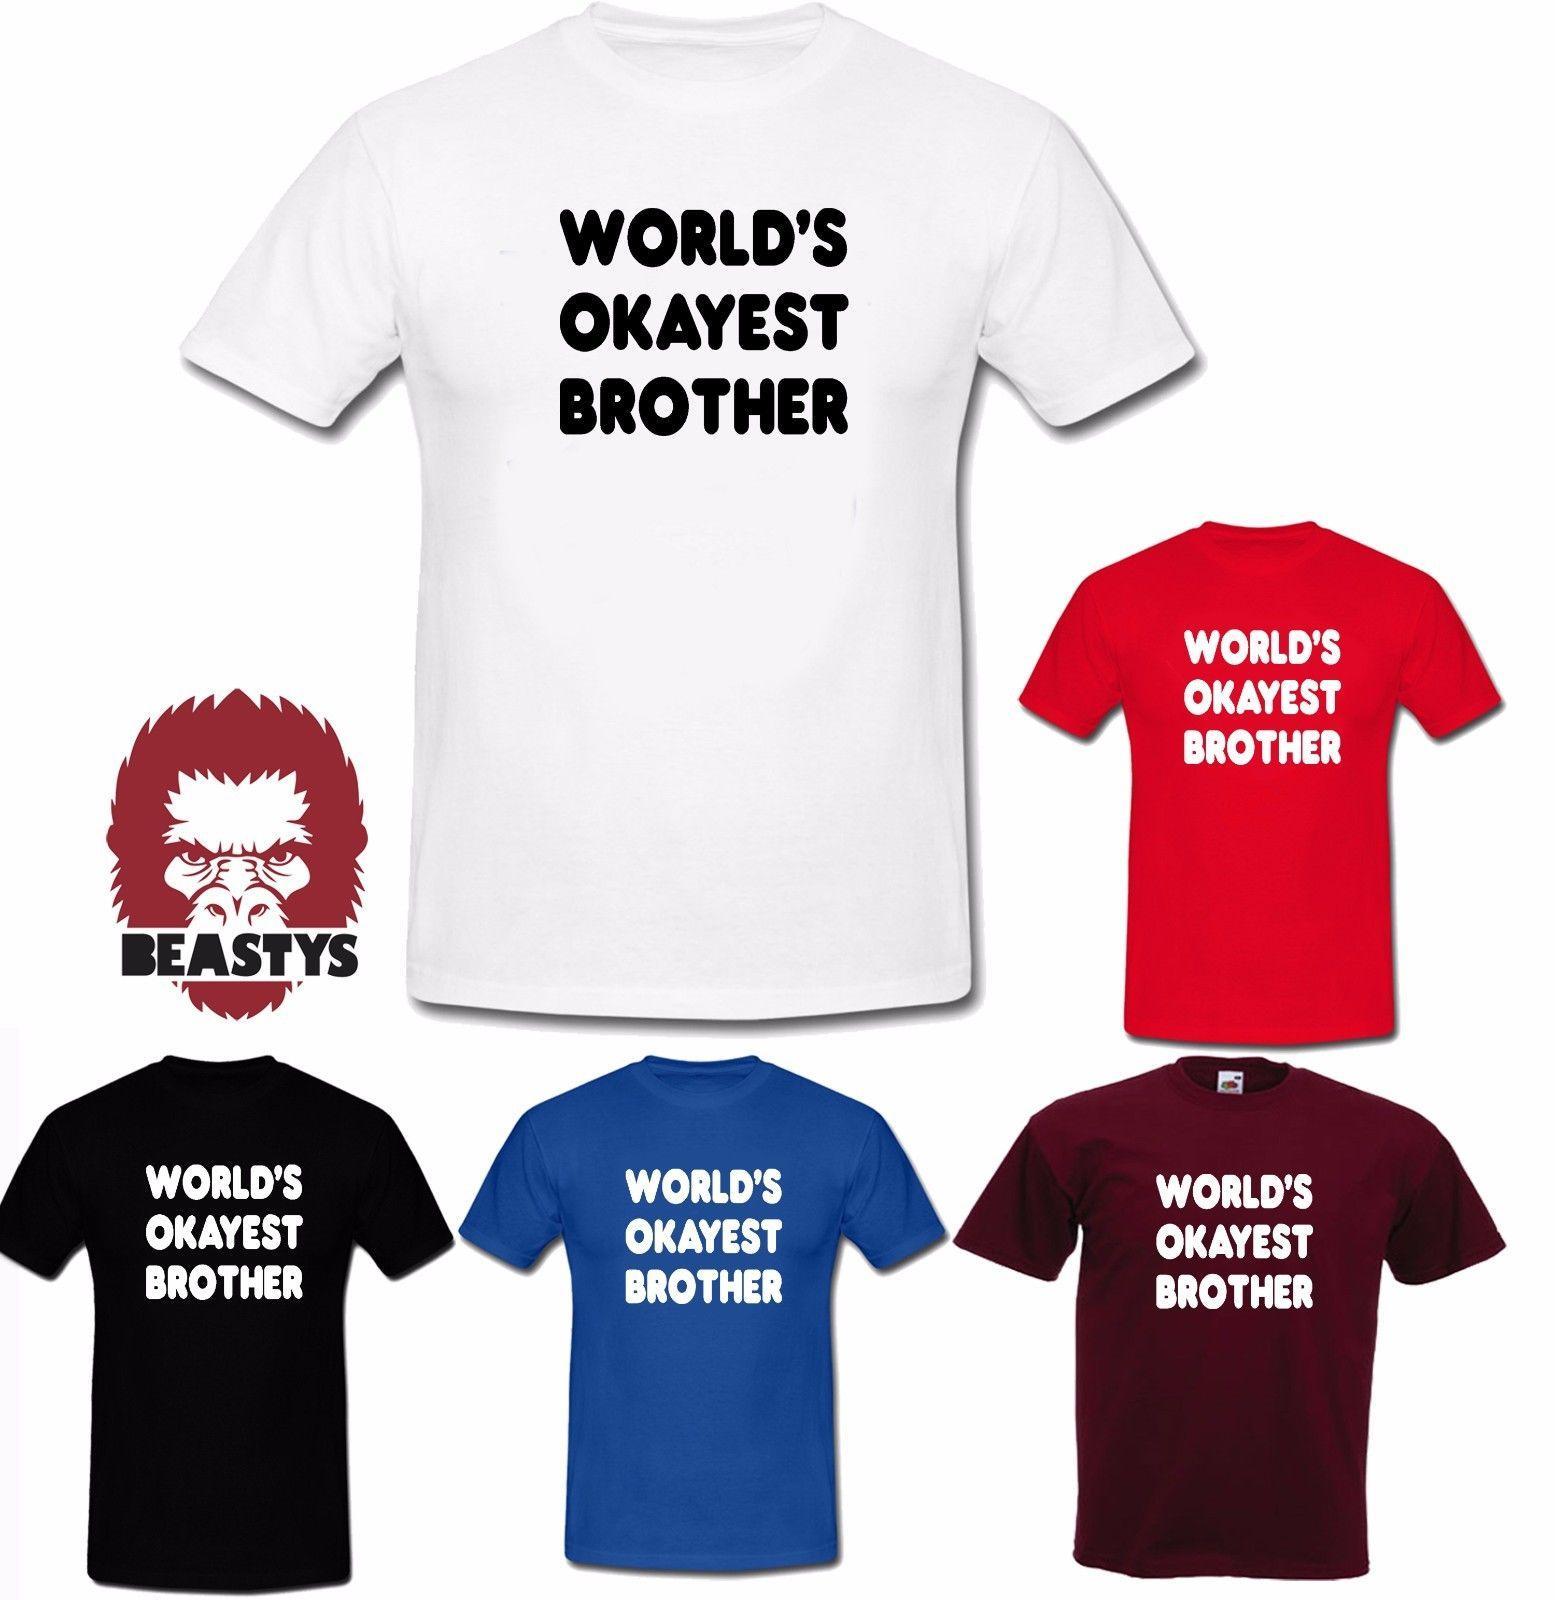 040b74d389 Compre Mundo Okayest Hermano Bro Divertido Presente Fresco Camiseta Niño  Adulto Ropa A $12.96 Del Lukehappy13 | DHgate.Com